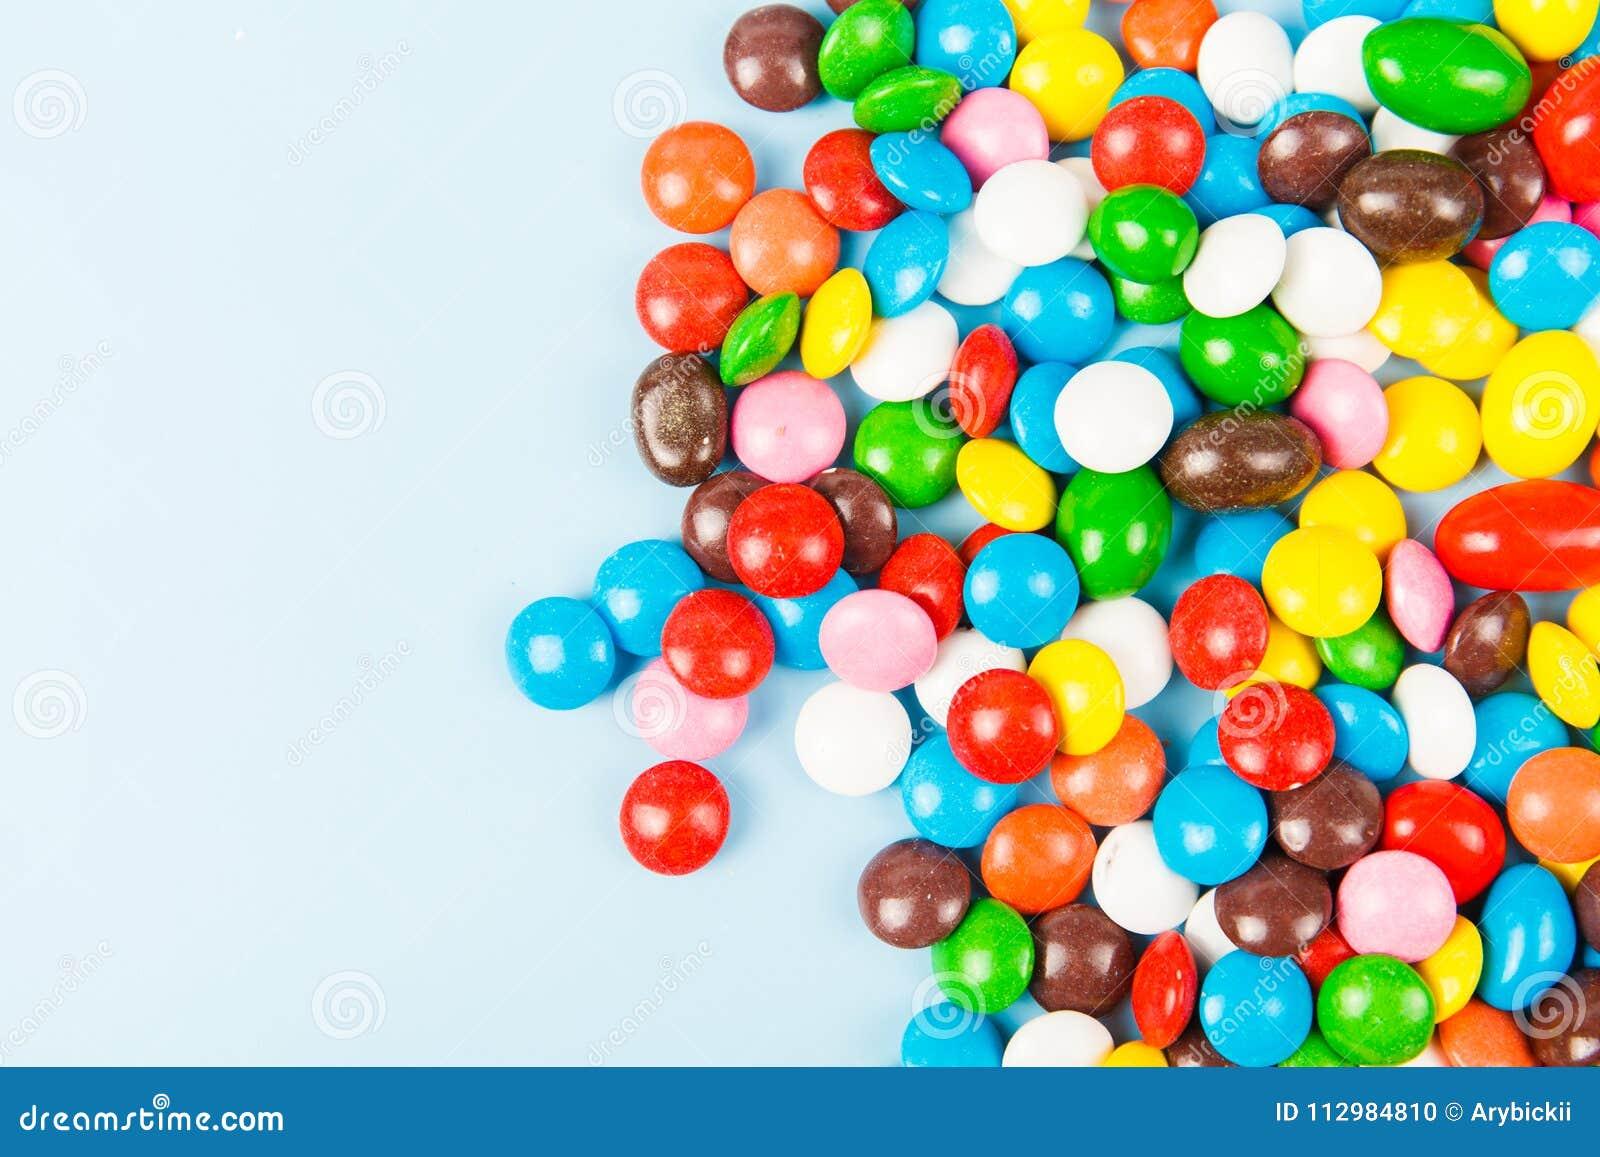 Color candy glaze close up